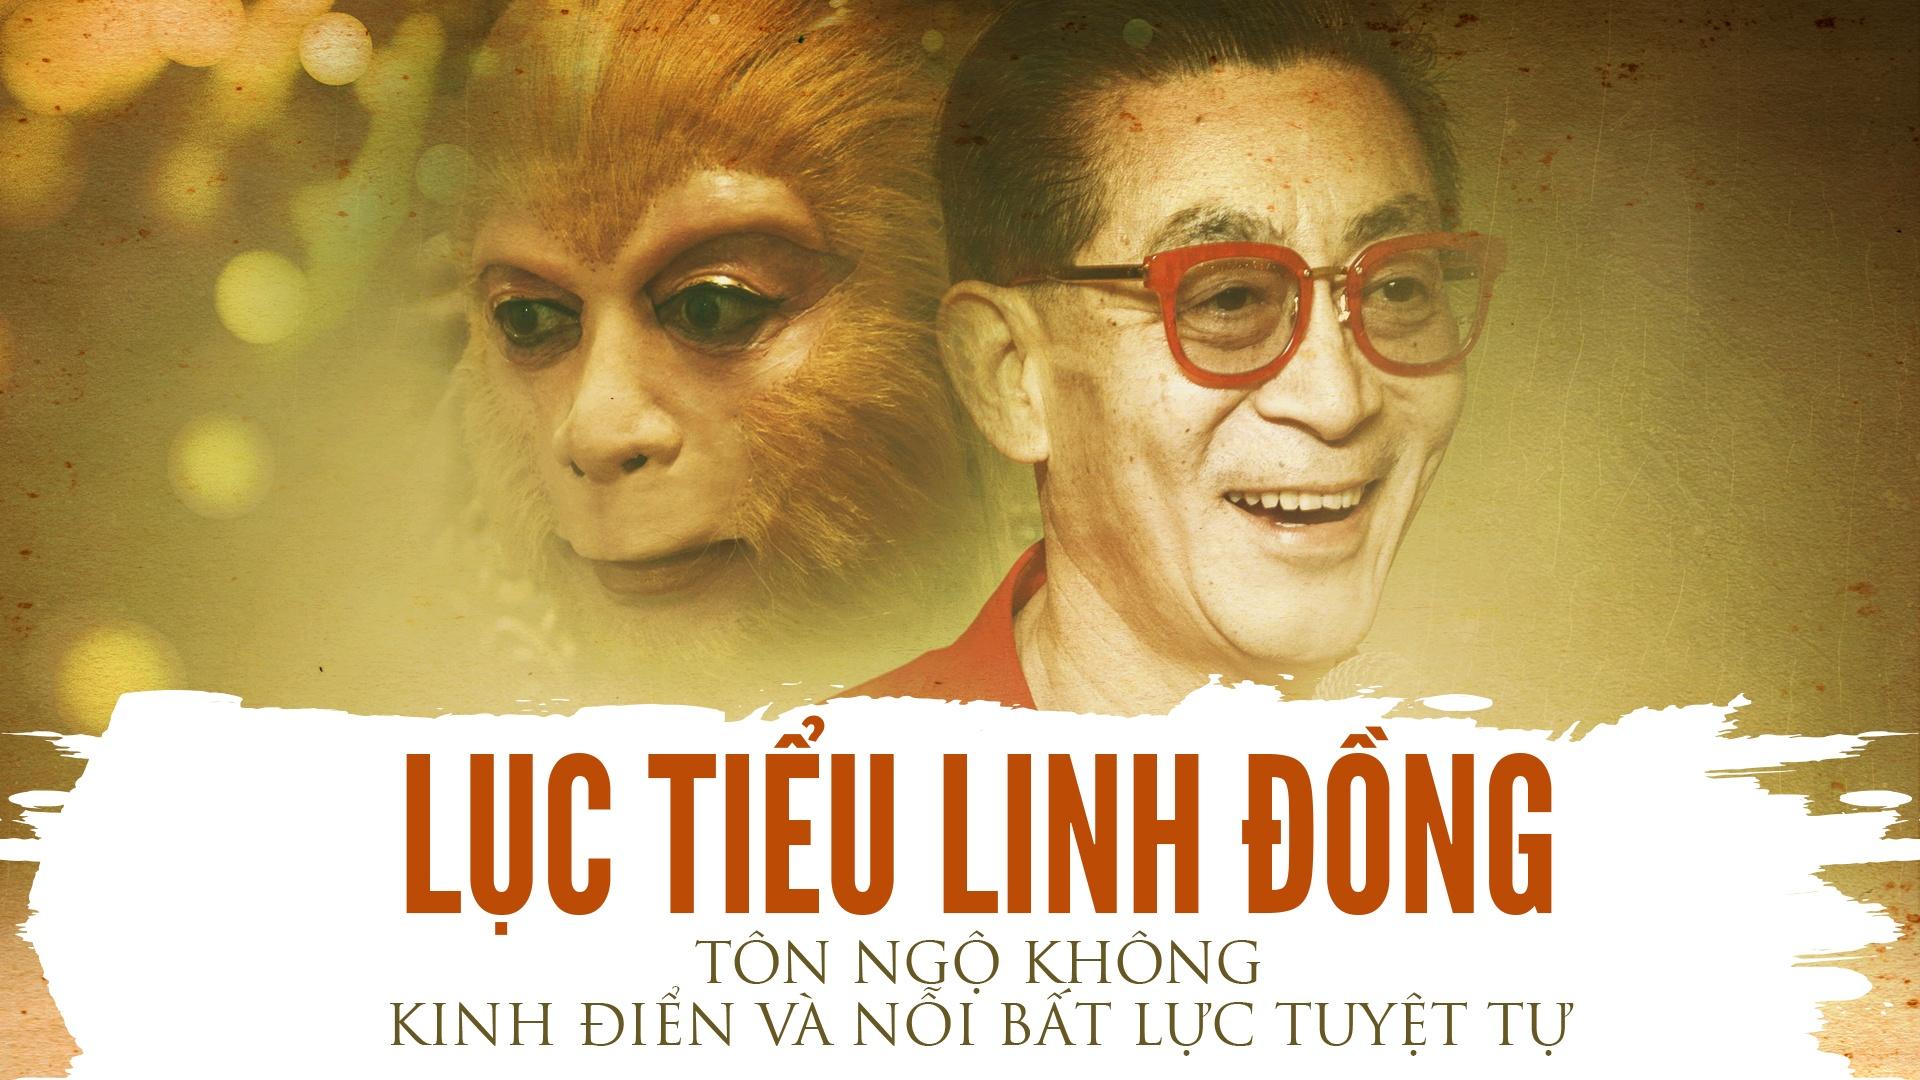 Luc Tieu Linh Dong: 'Ton Ngo Khong' va noi bat luc gia toc tuyet tu hinh anh 2